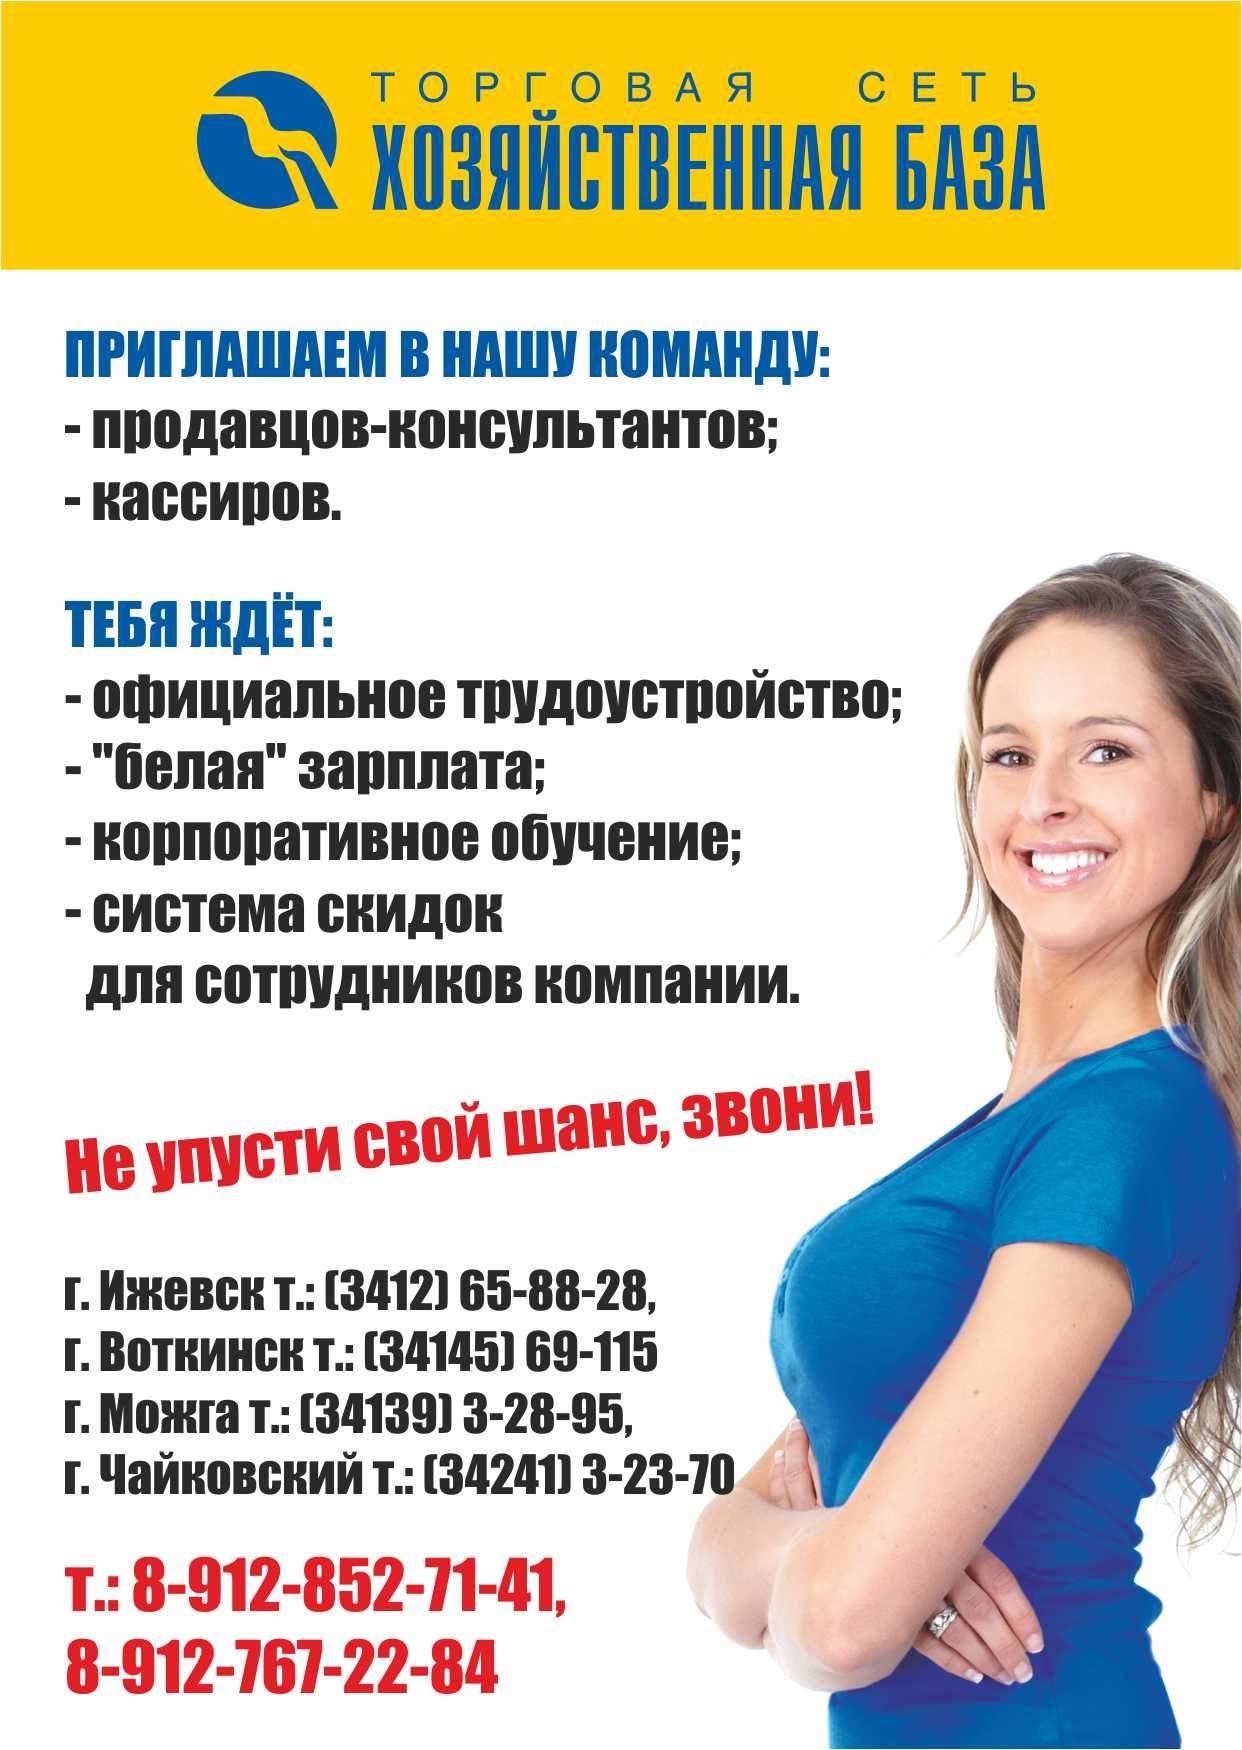 Работа воткинск свежие вакансии карусельщик продажа цветочного бизнеса в собственность